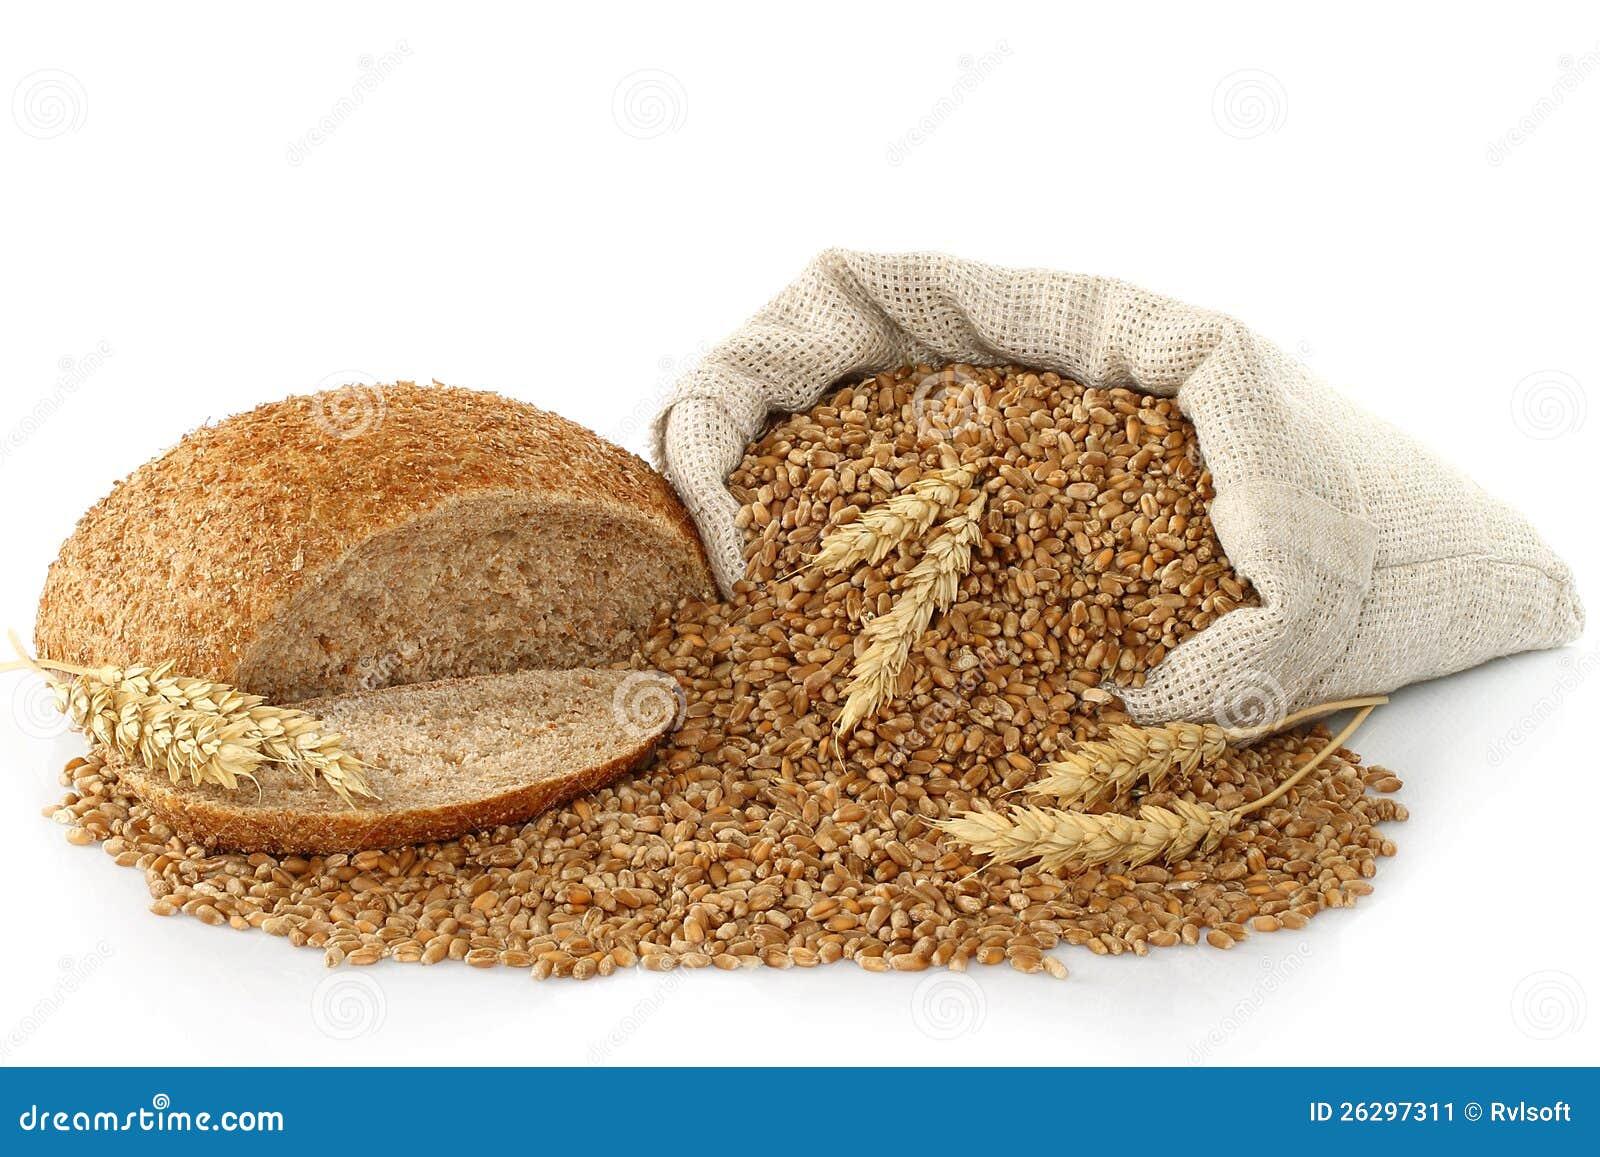 袋子用麦子、面包和耳朵